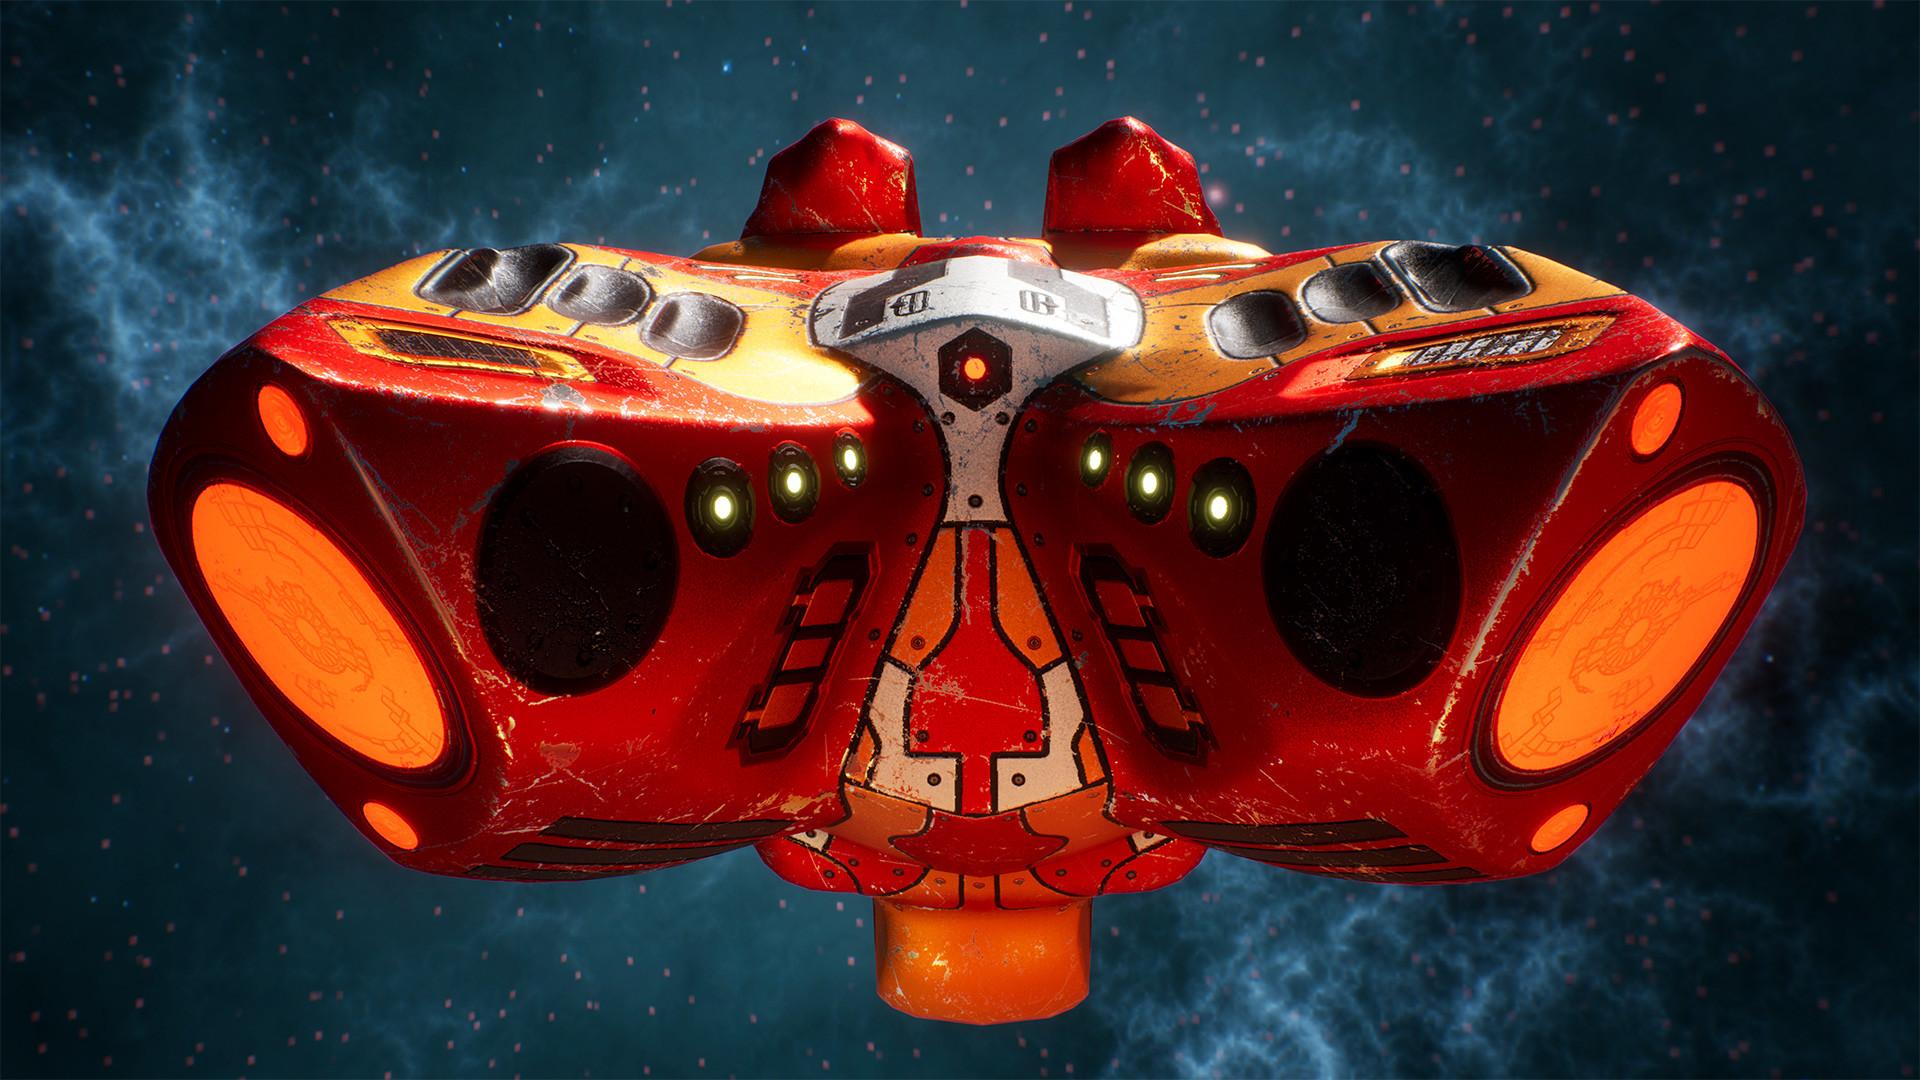 Andrew krivulya spaceship render 09